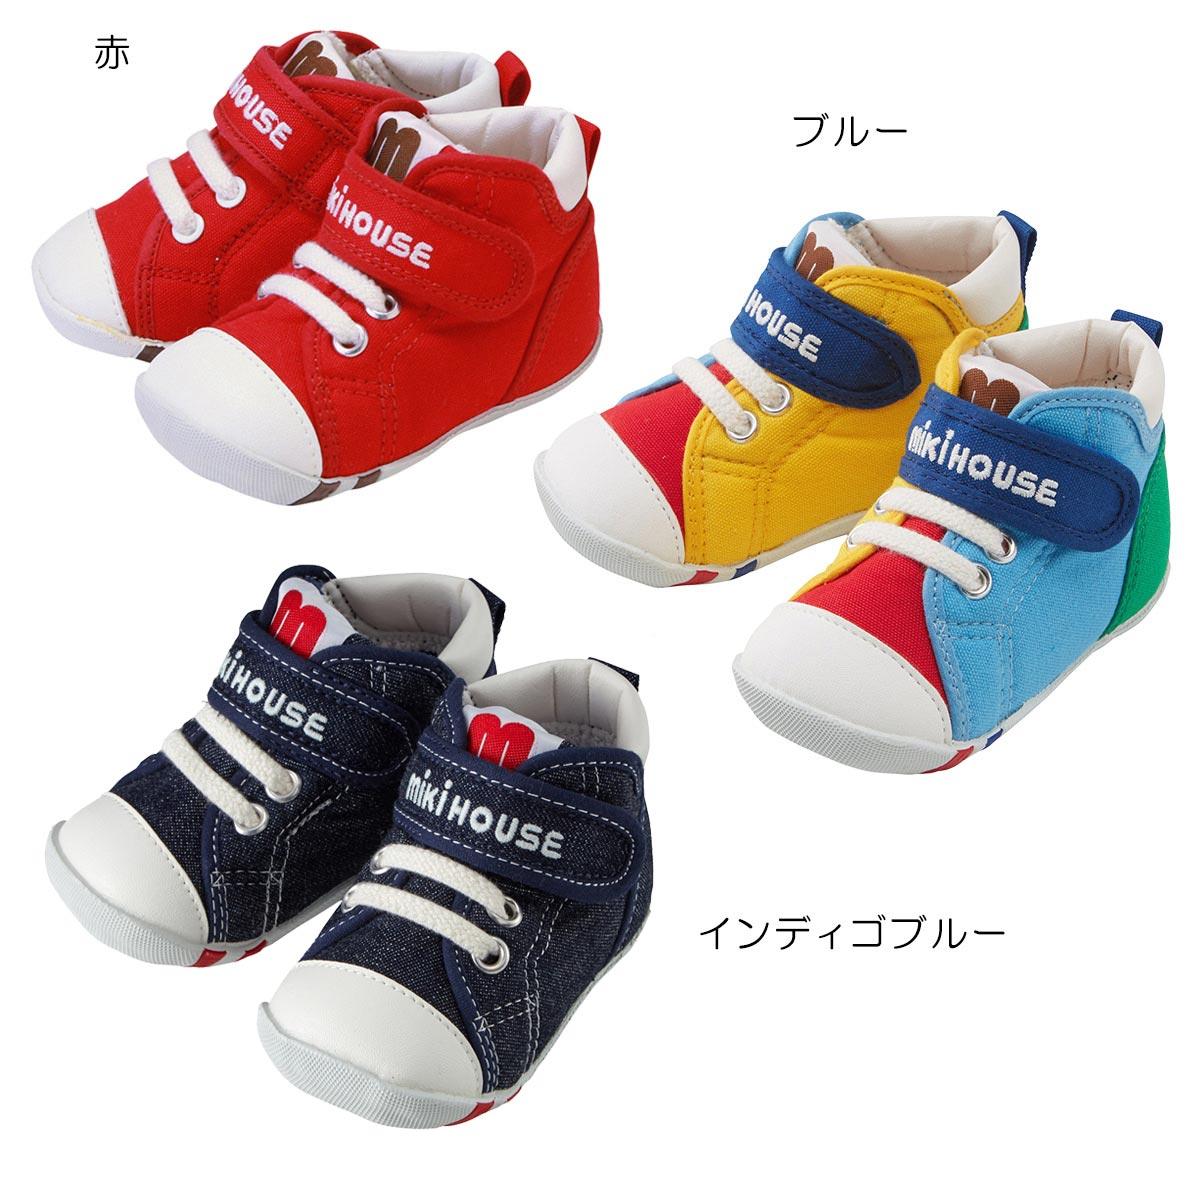 【期間限定ソックス1足X'masプレゼント!】mロゴ☆ファーストベビーシューズ (11-13cm)mikihouse ミキハウス 靴 ベビー